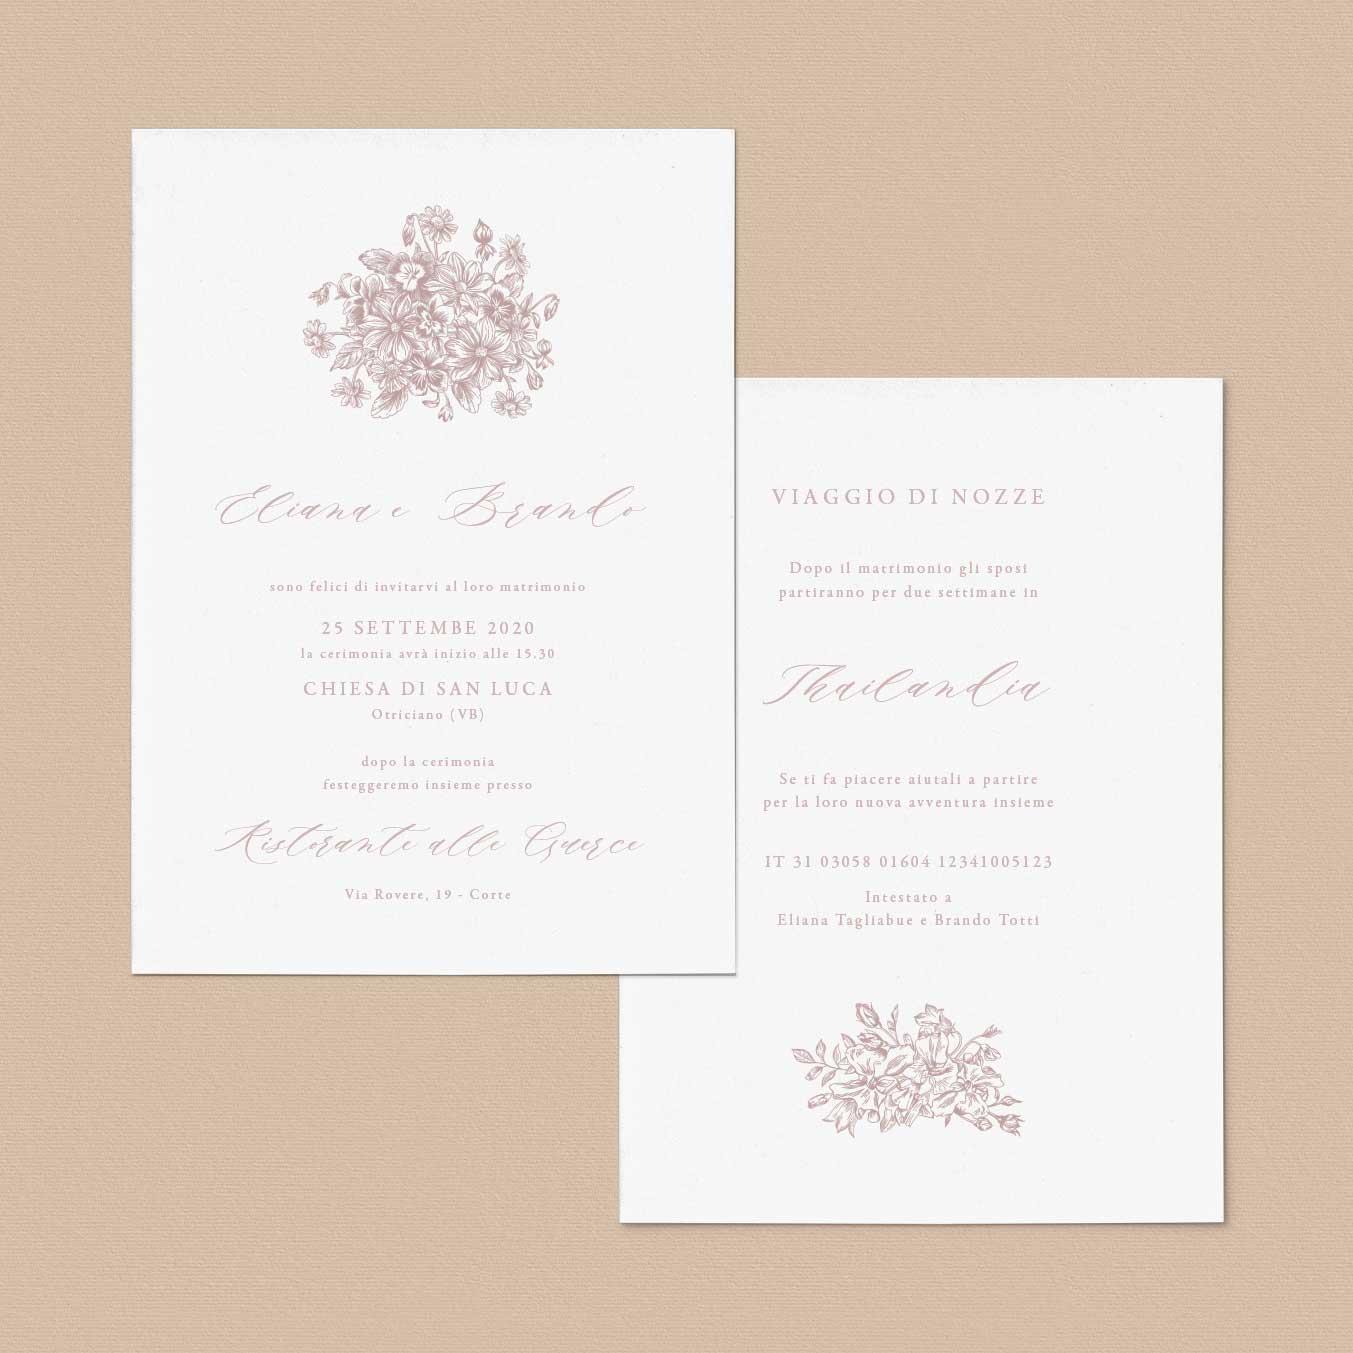 Inviti-di-matrimonio-partecipazioni-di-nozze-fiori-di-loto-fiori-di-ciliegio-tema